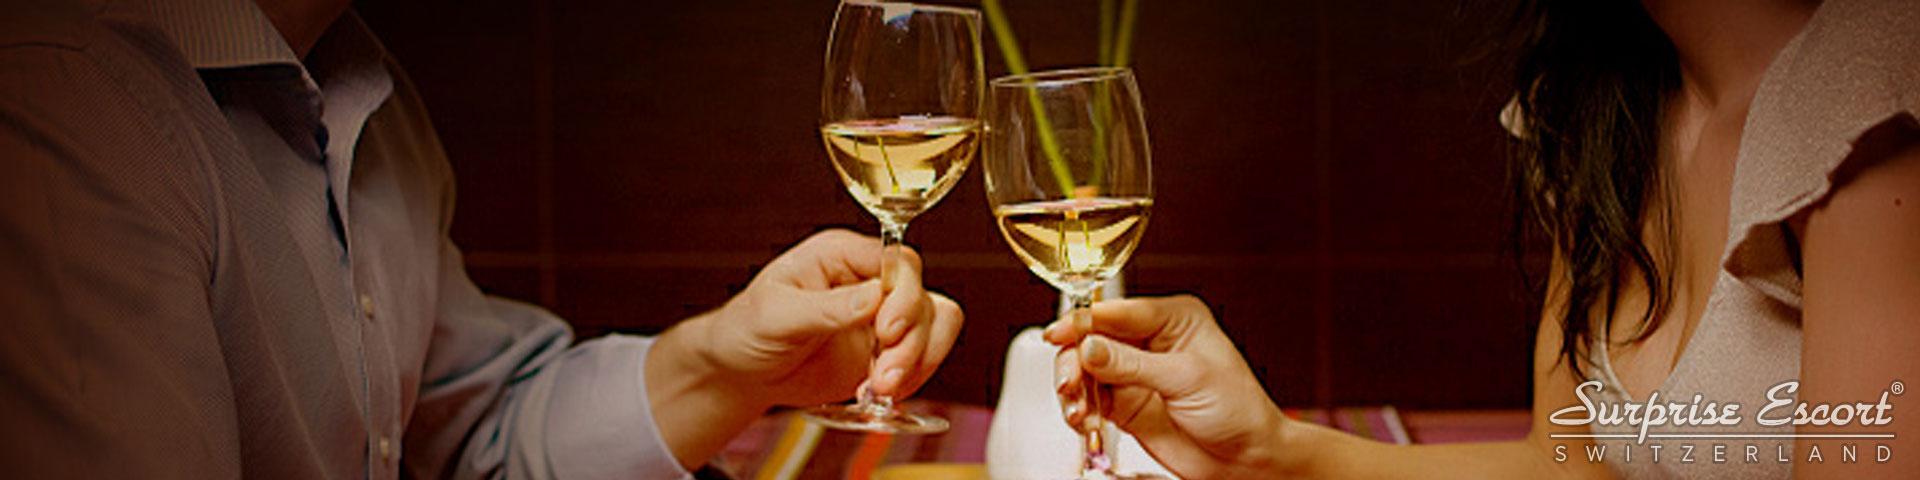 Skip dinner dating site